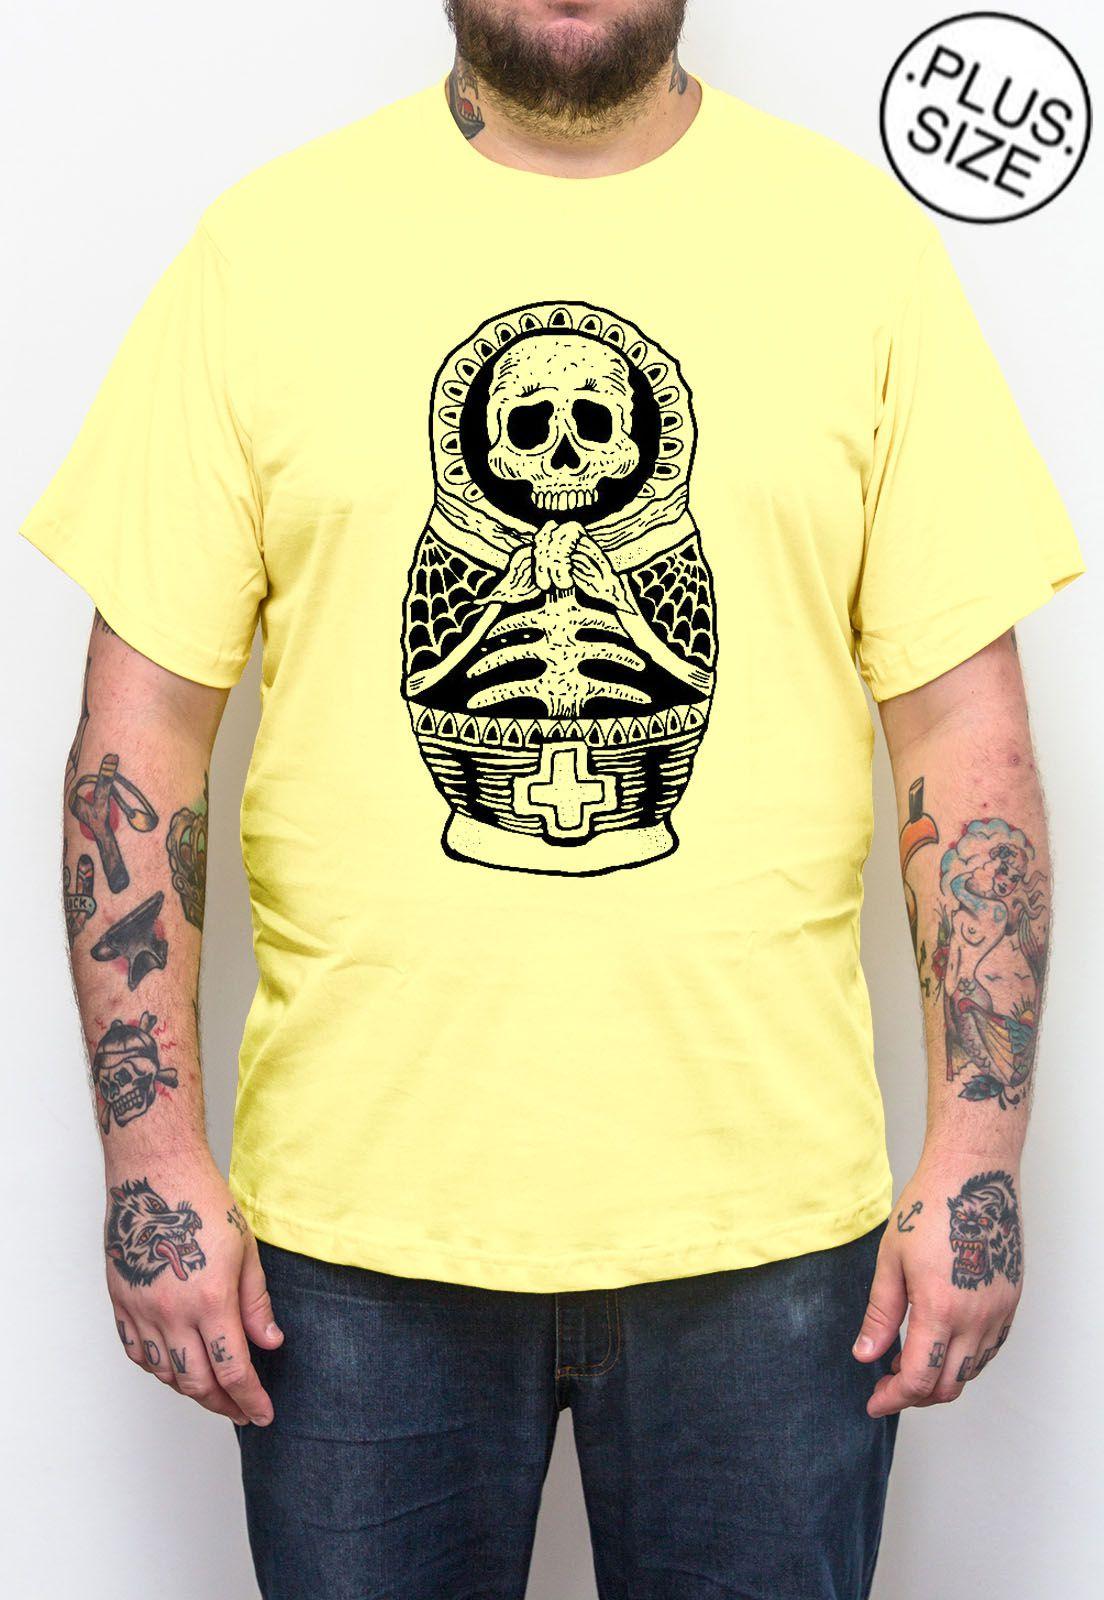 Camiseta Hshop Múmia Matrioska - Amarelo Bebê - Plus Size - Tamanho Grande XG  - HShop